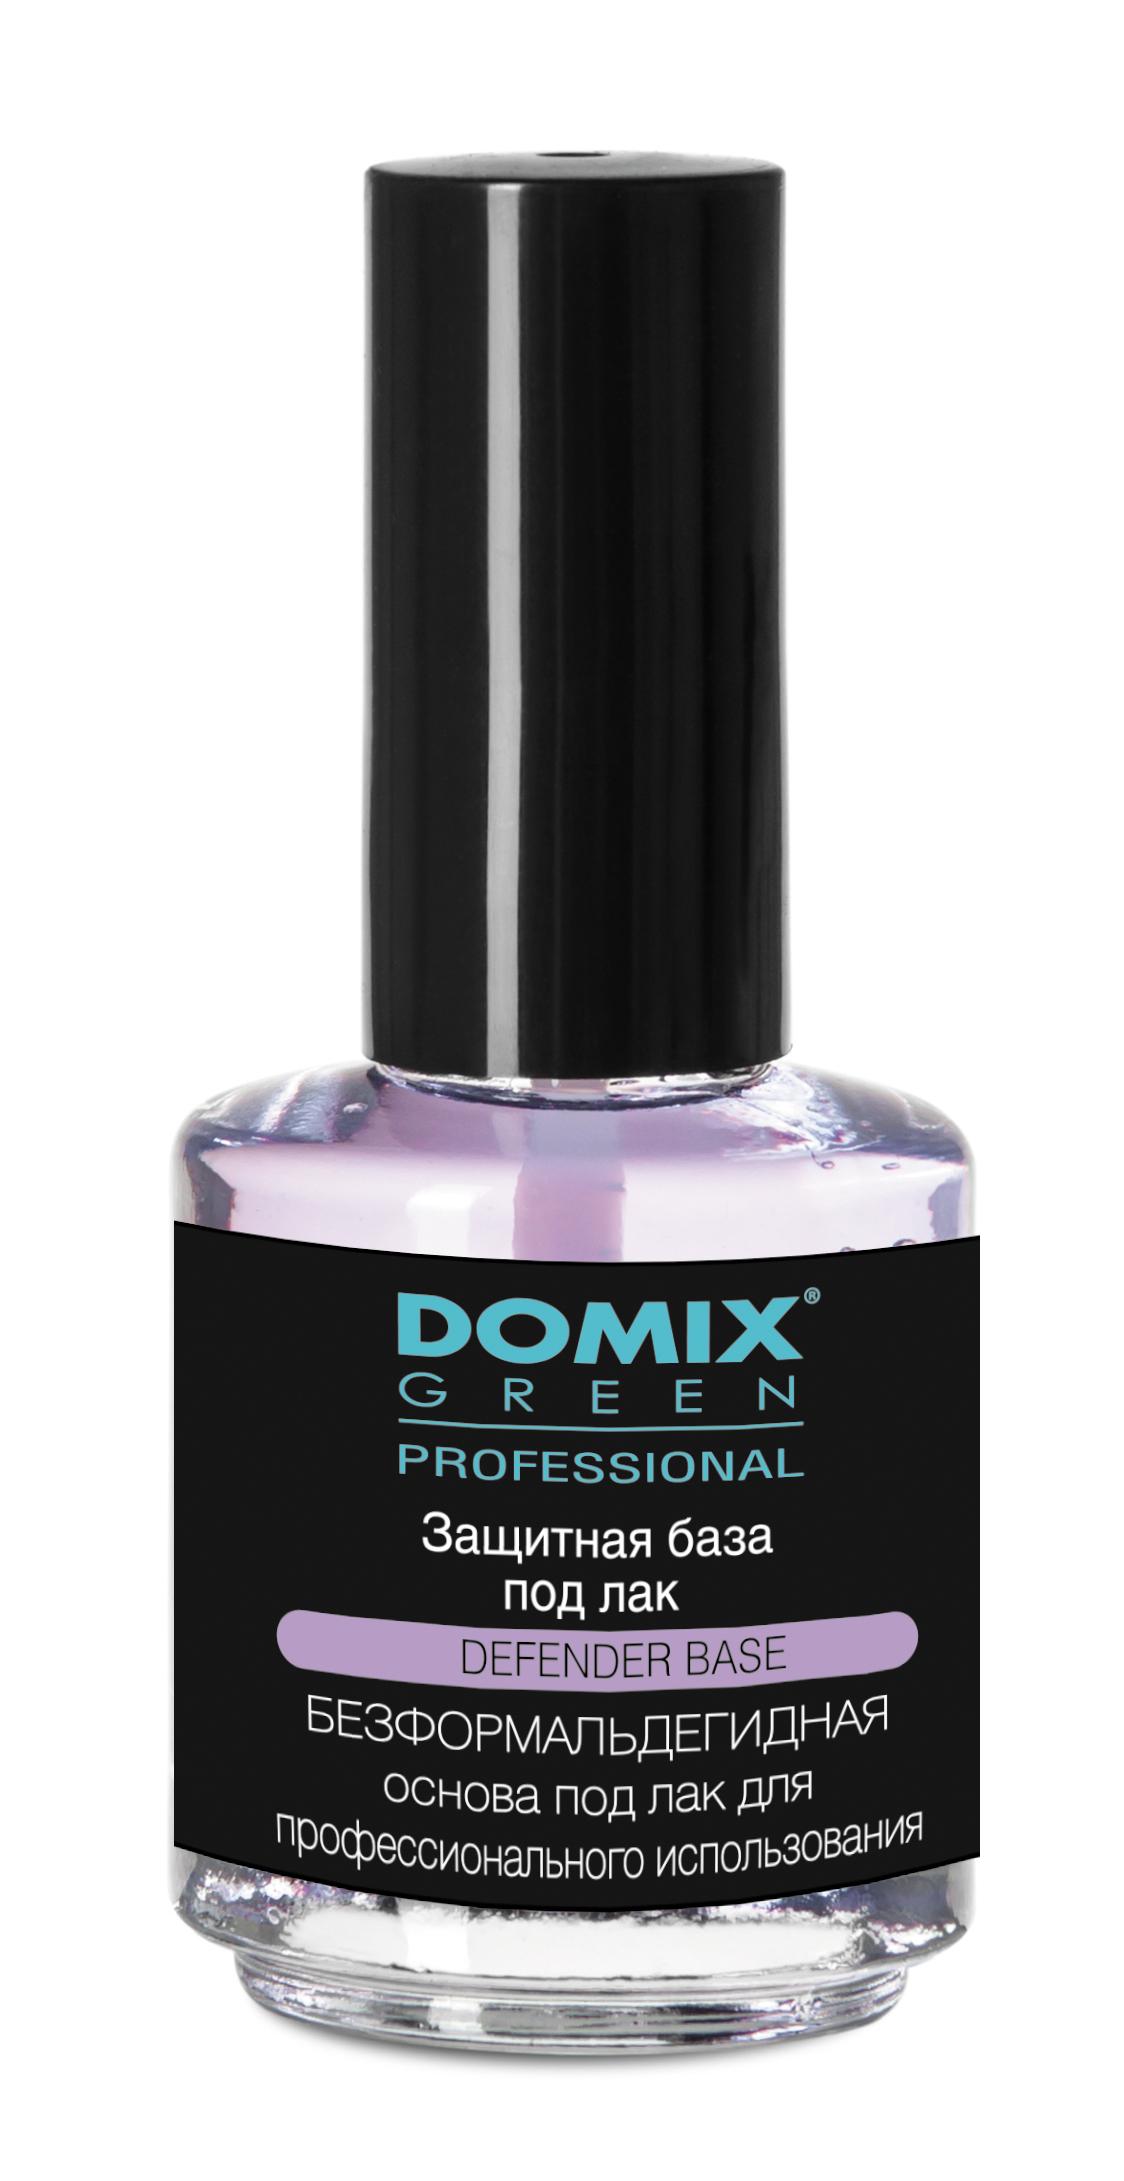 DOMIX База под лак / DGP 75млБазовые покрытия<br>Создает прочный защитный слой на ногтевой пластине, предохраняя от неблагоприятного воздействия окружающей среды, и препятствует отрицательному воздействию цветного лака. Особенно рекомендуется для уставших, ослабленных цветным лаком ногтей. Способ применения: нанести препарат на чистые сухие ногти: один слой   идеальная основа под маникюр; два слоя   великолепный бесцветный маникюр.<br>